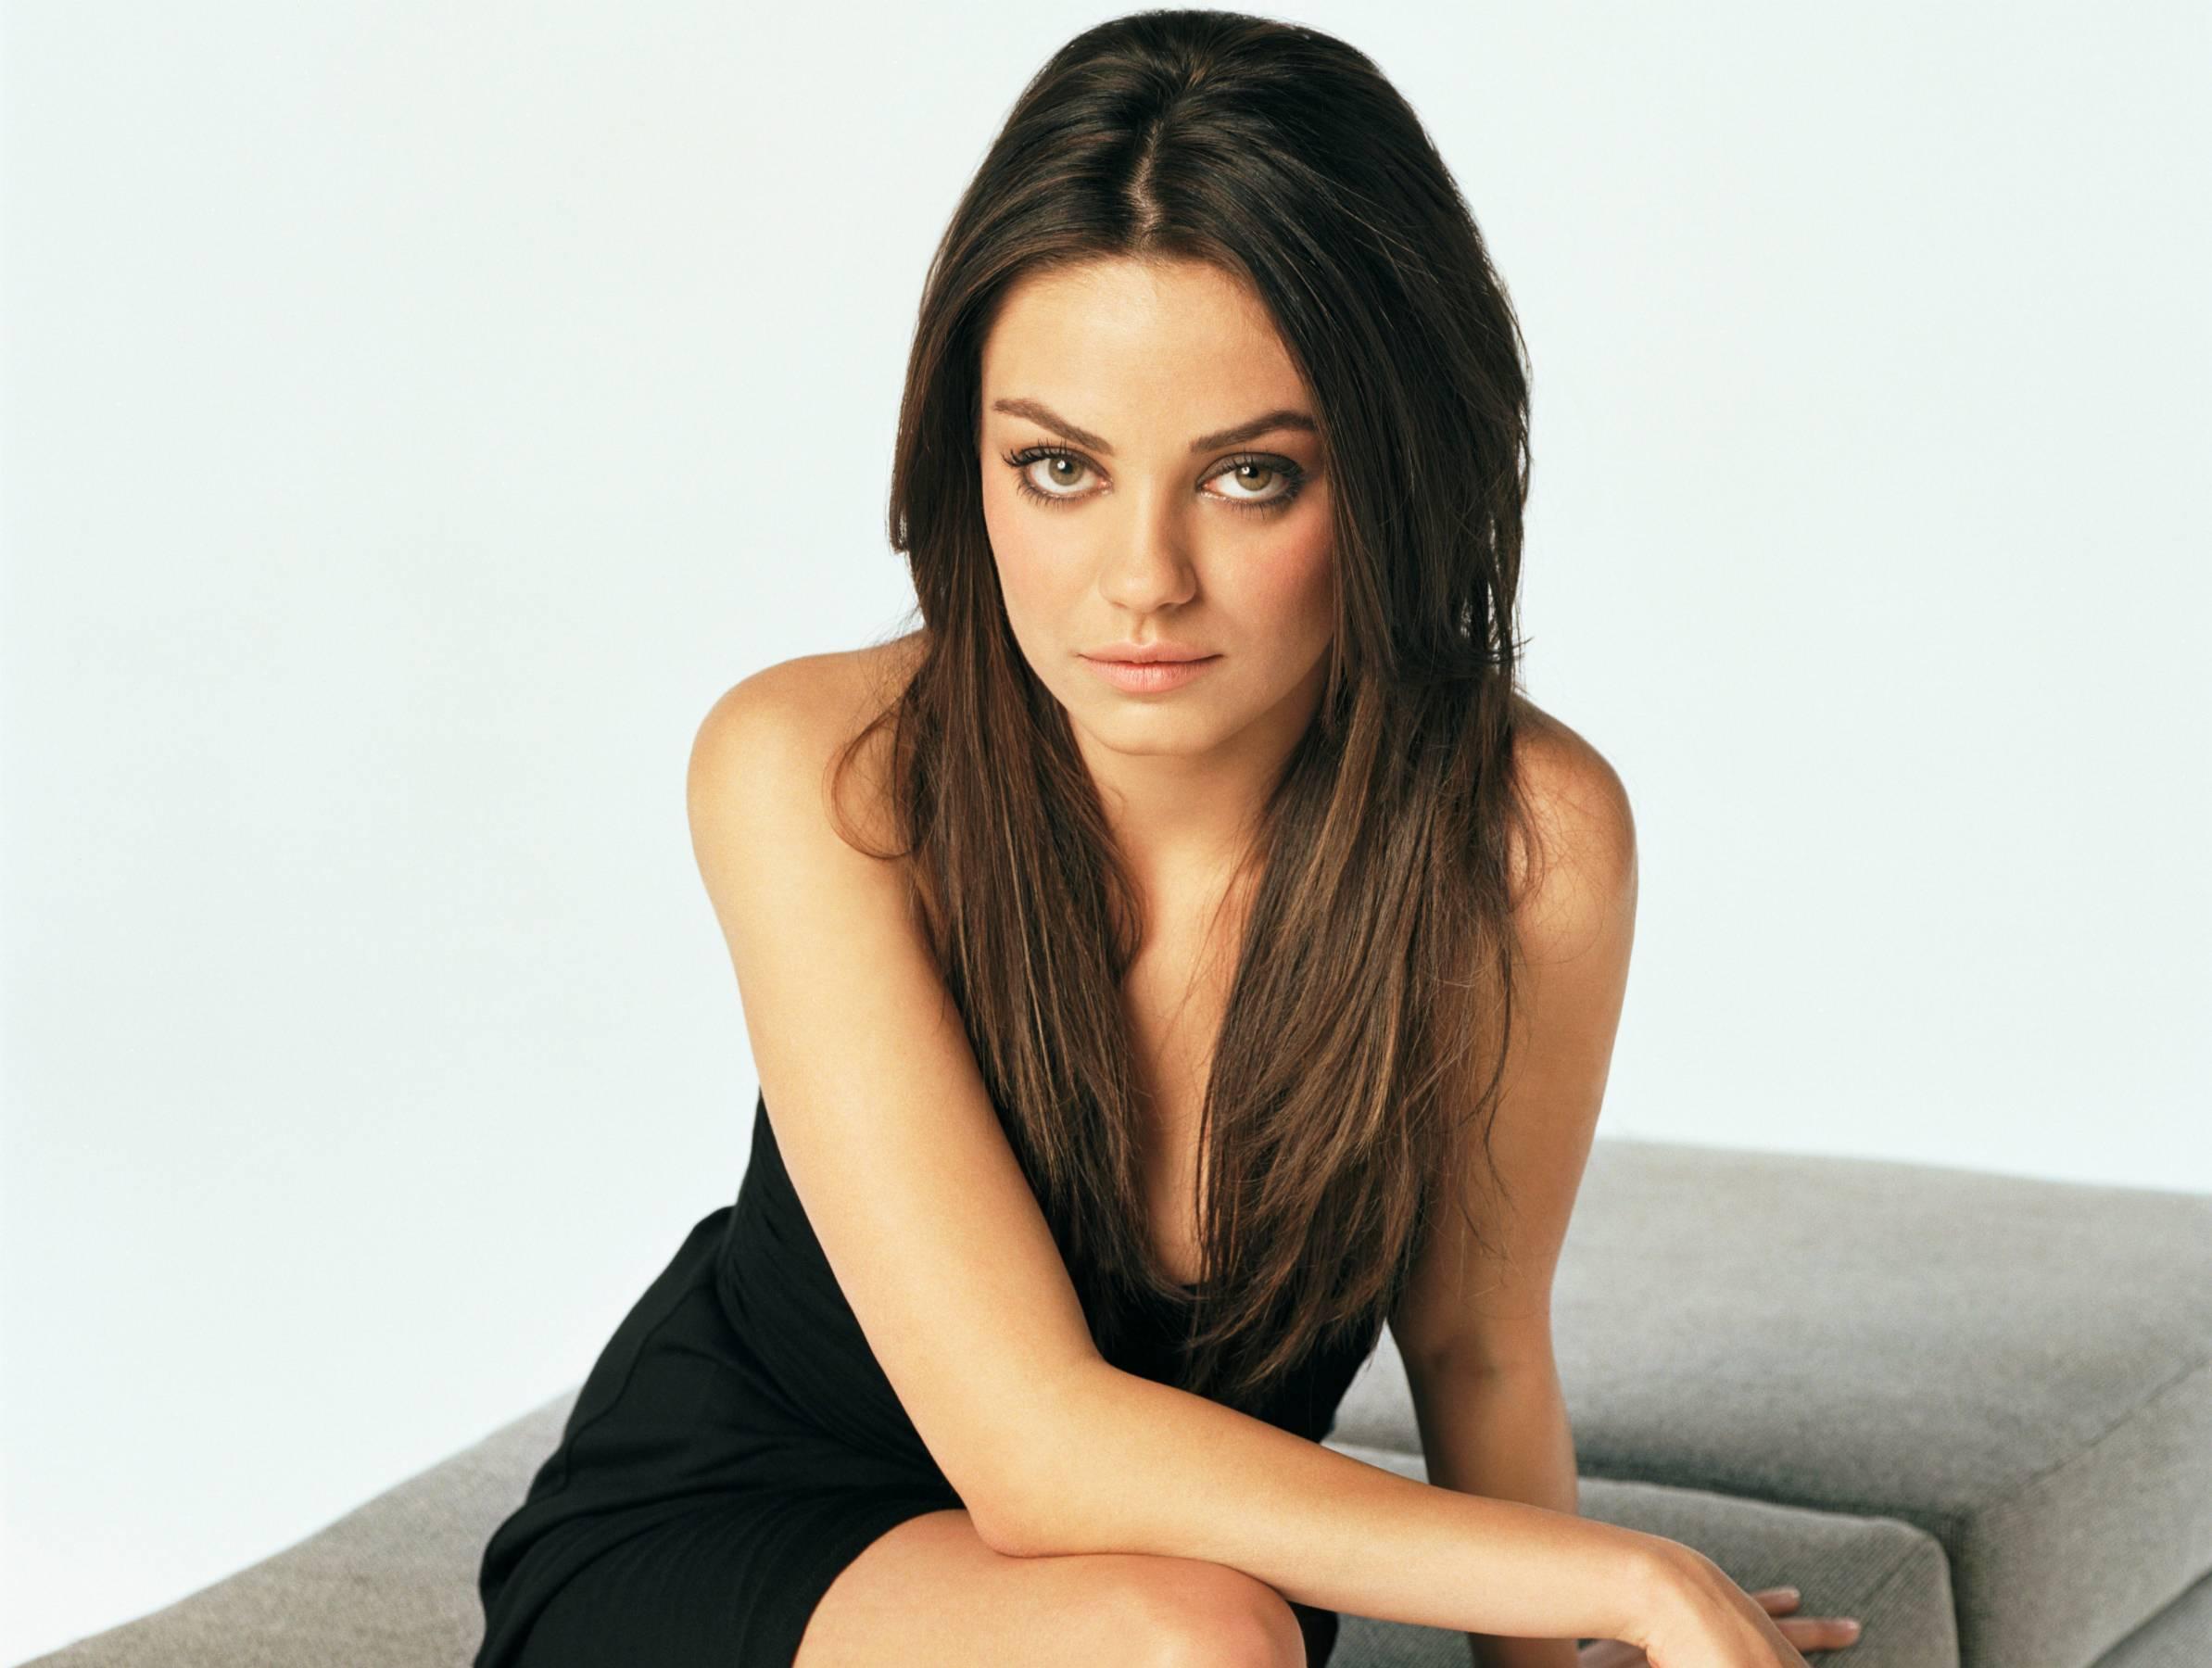 Mila Kunis Wallpaper 39277 in Celebrities F - Telusers.com